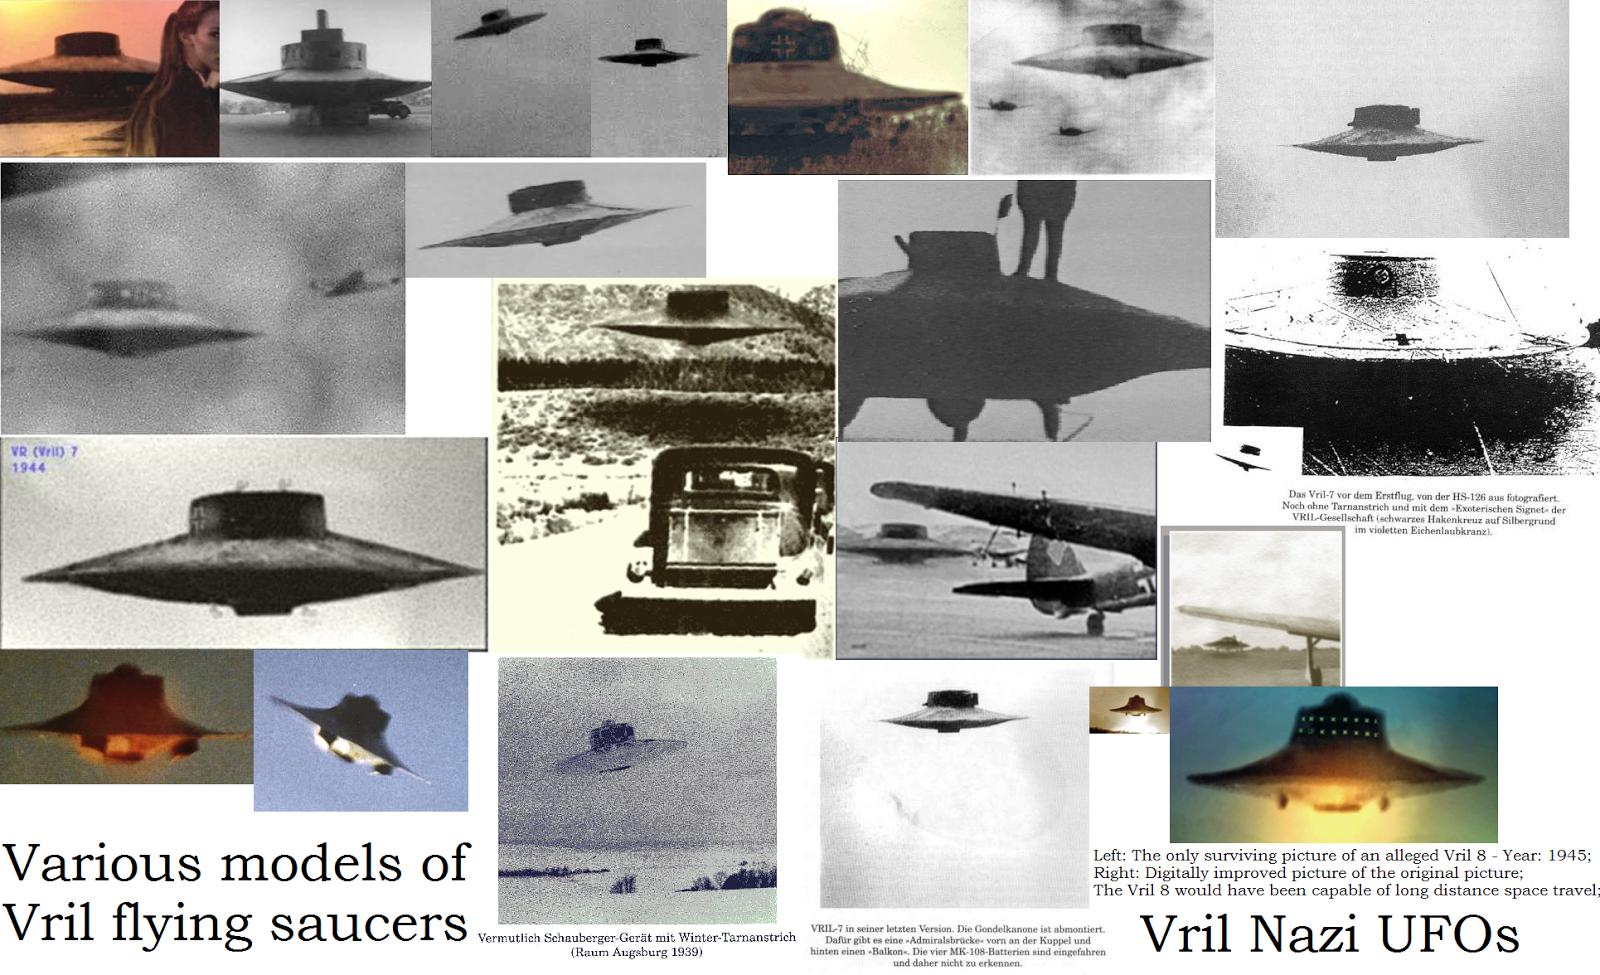 VRIL_Nazi_UFO